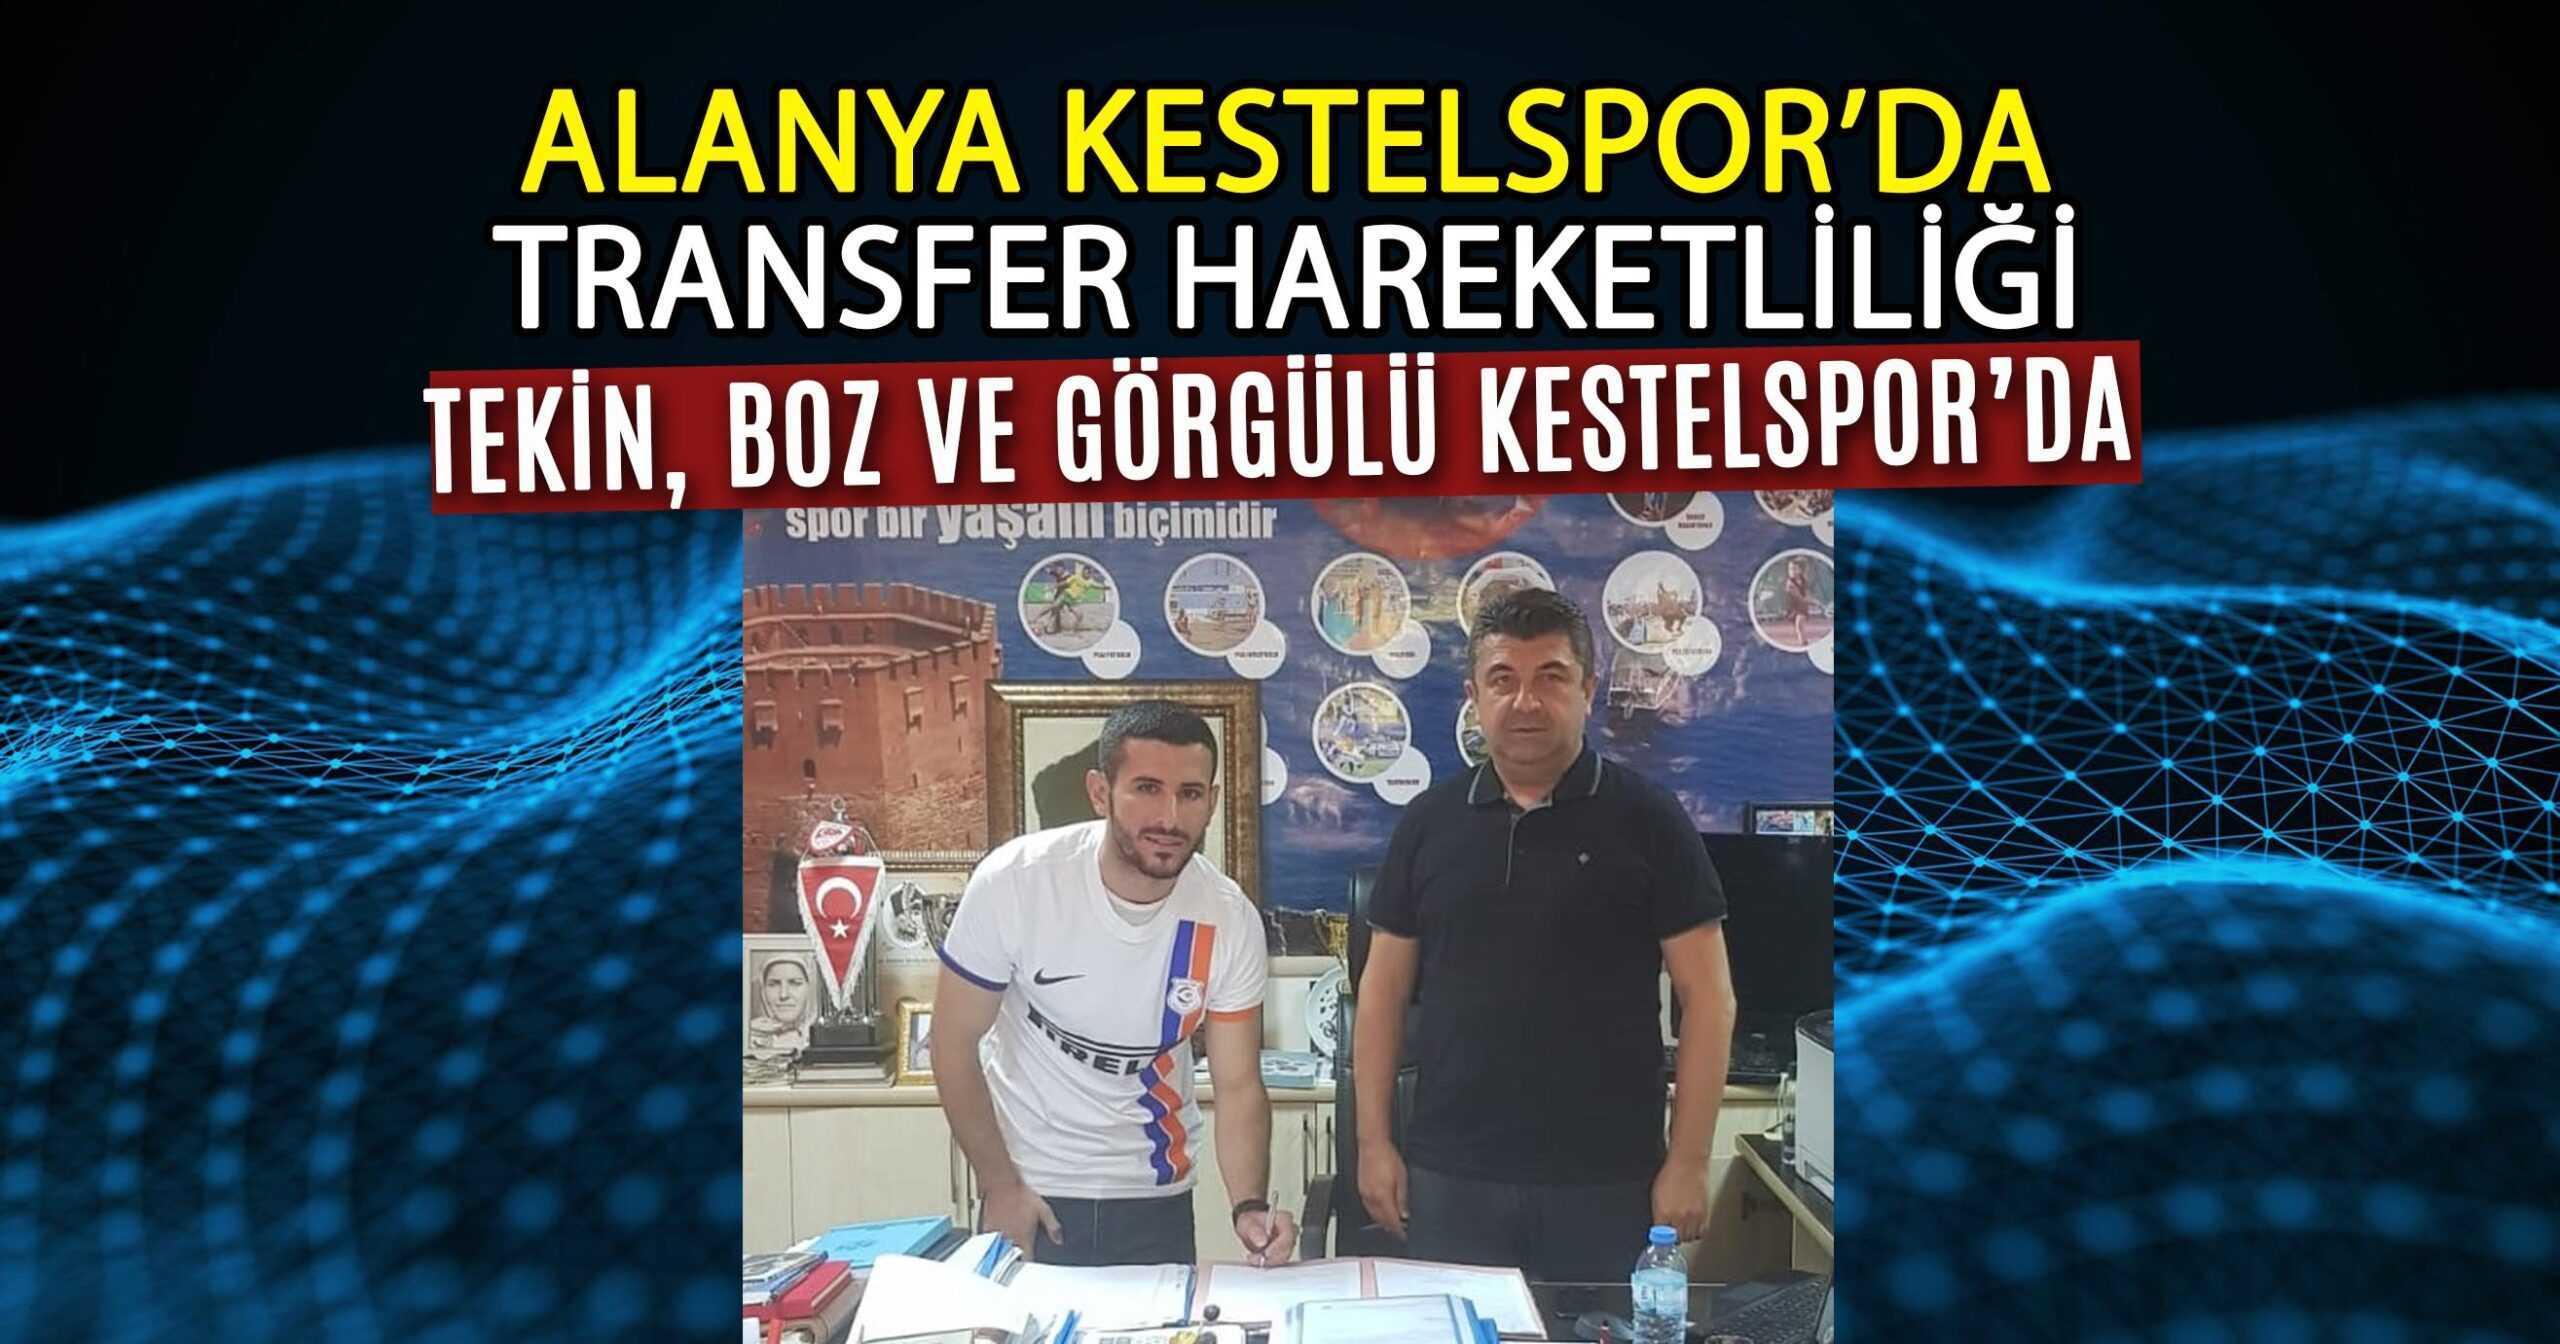 ALANYA KESTELSPOR'DAN BİR GÜNDE 3 TRANSFER